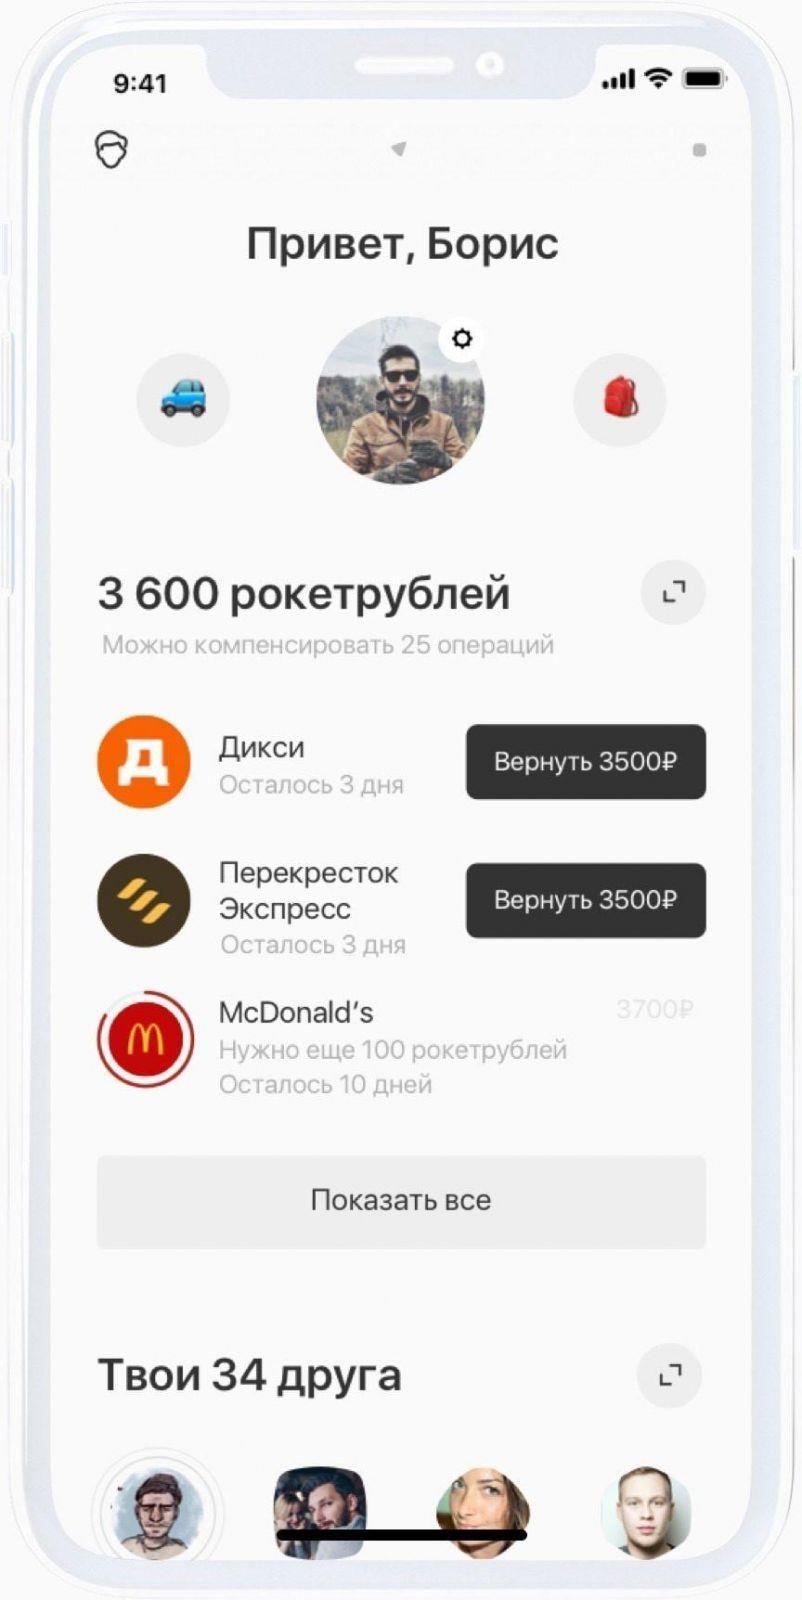 Рокетбанк запускает новое приложение для iOS, которое напомнит об оплате счетов